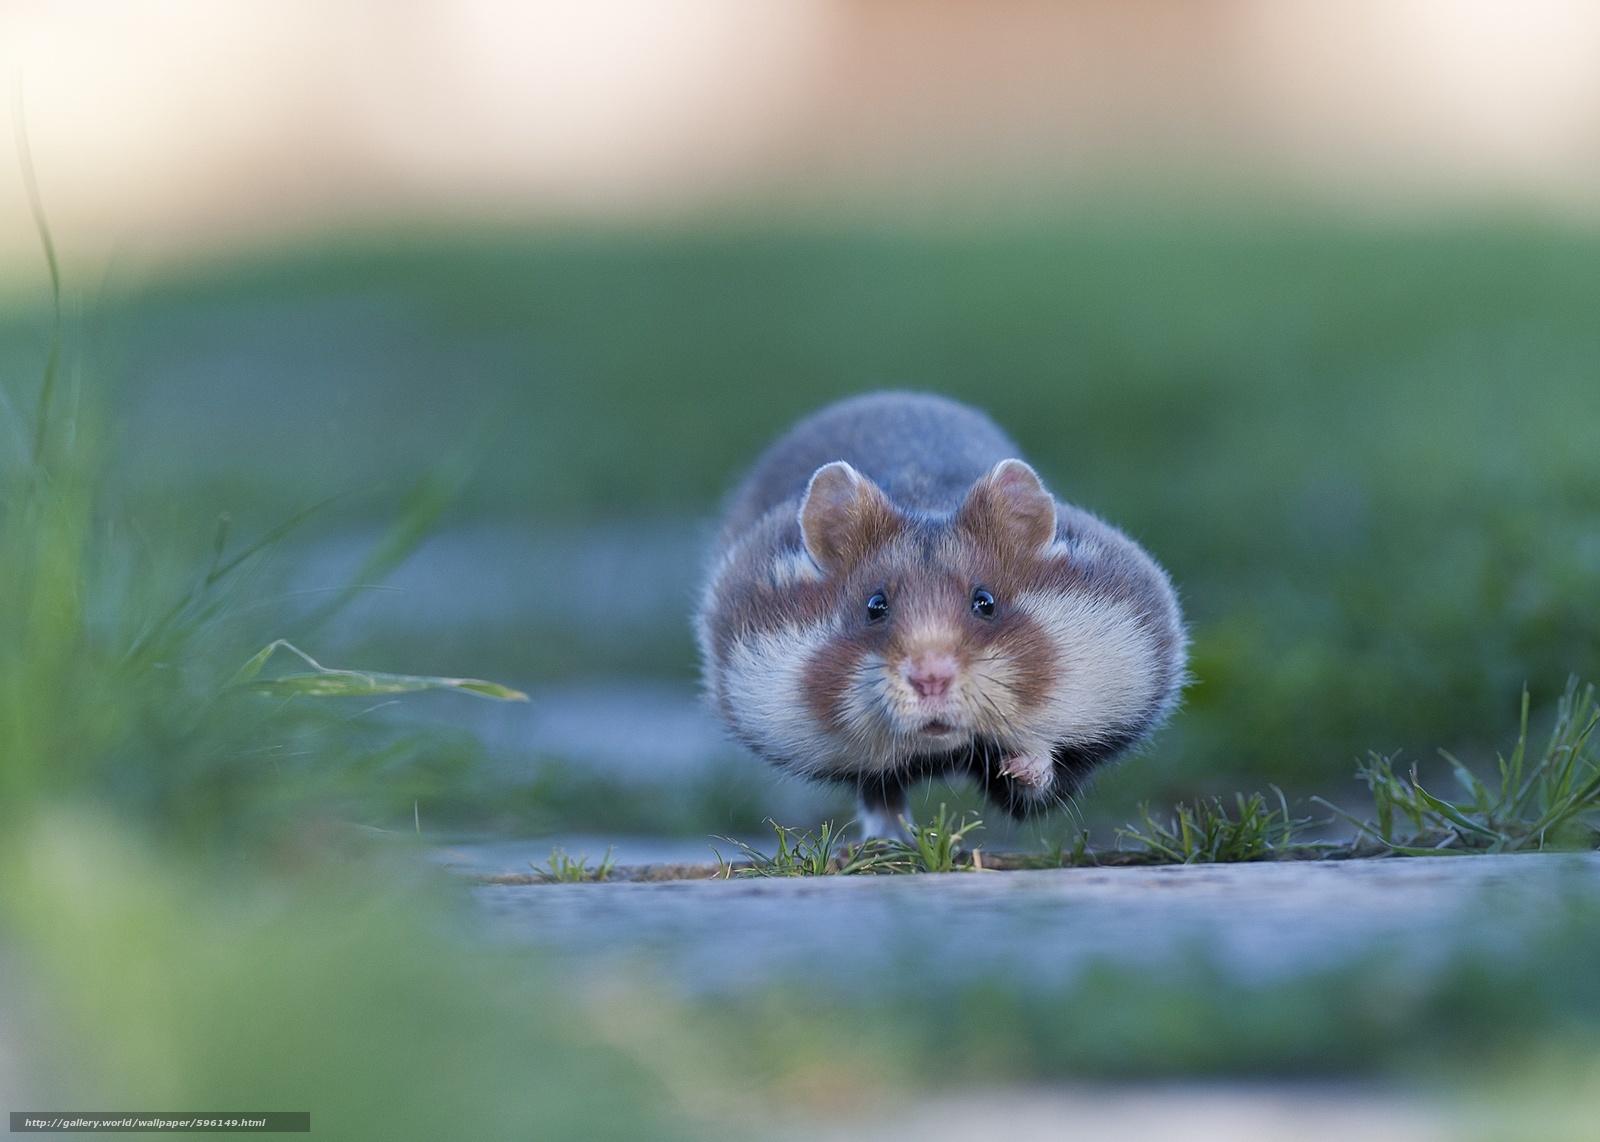 Tlcharger fond d 39 ecran nature hamster herbe course fonds d 39 ecran gratuits pour votre - Hamster gratuit ...